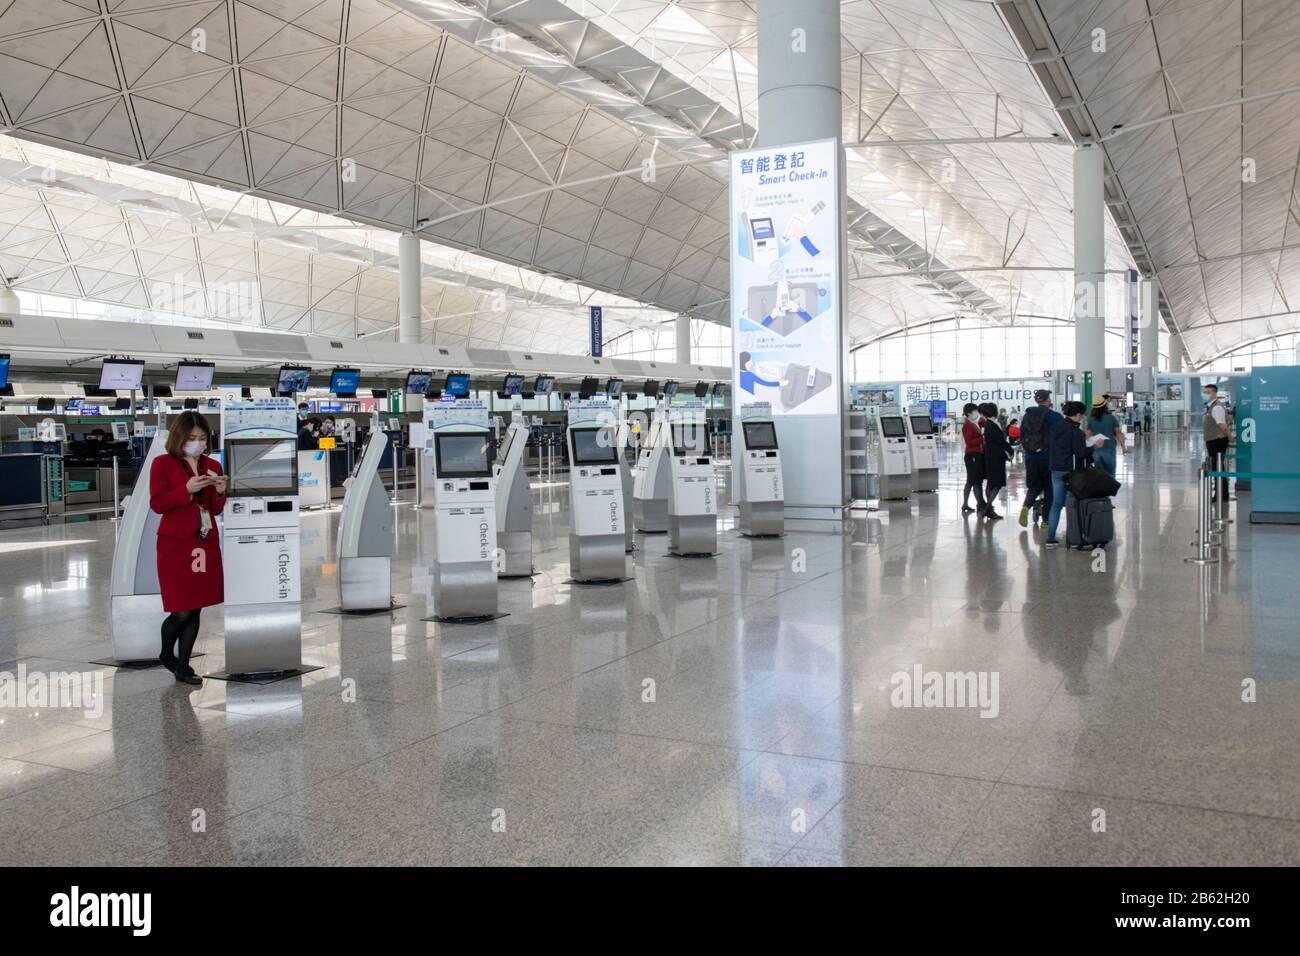 Hong Kong,China:06 Mar,2020. El Aeropuerto Internacional de Hong Kong vacío como Cover-19 se cobra su peaje en la industria de viajes Jayne Russell/Alamy Stock Image Foto de stock